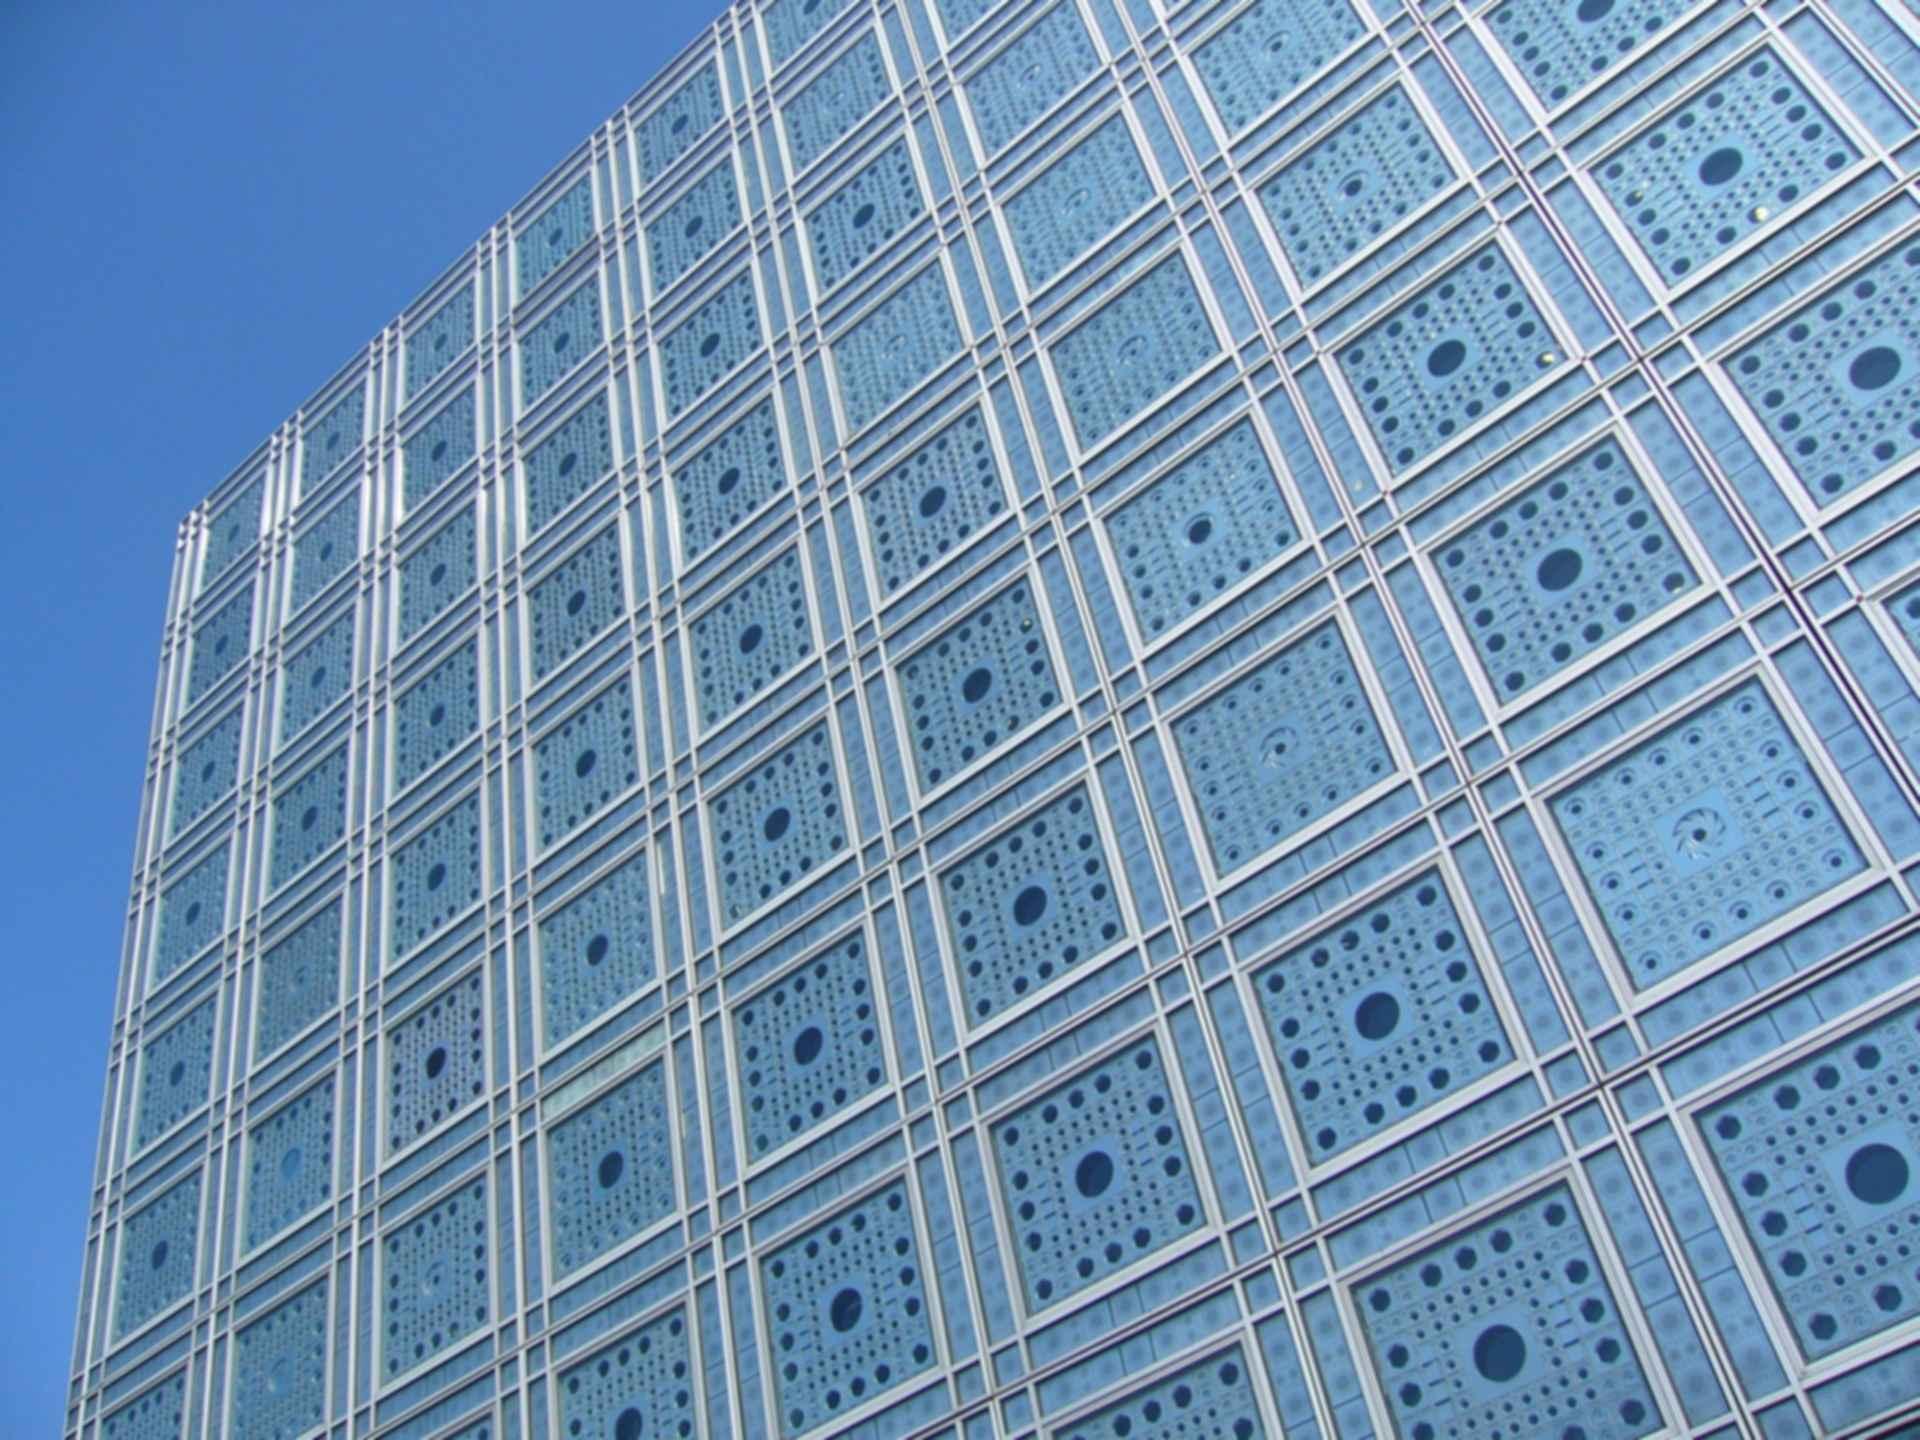 Arab World Institute - Exterior Walls